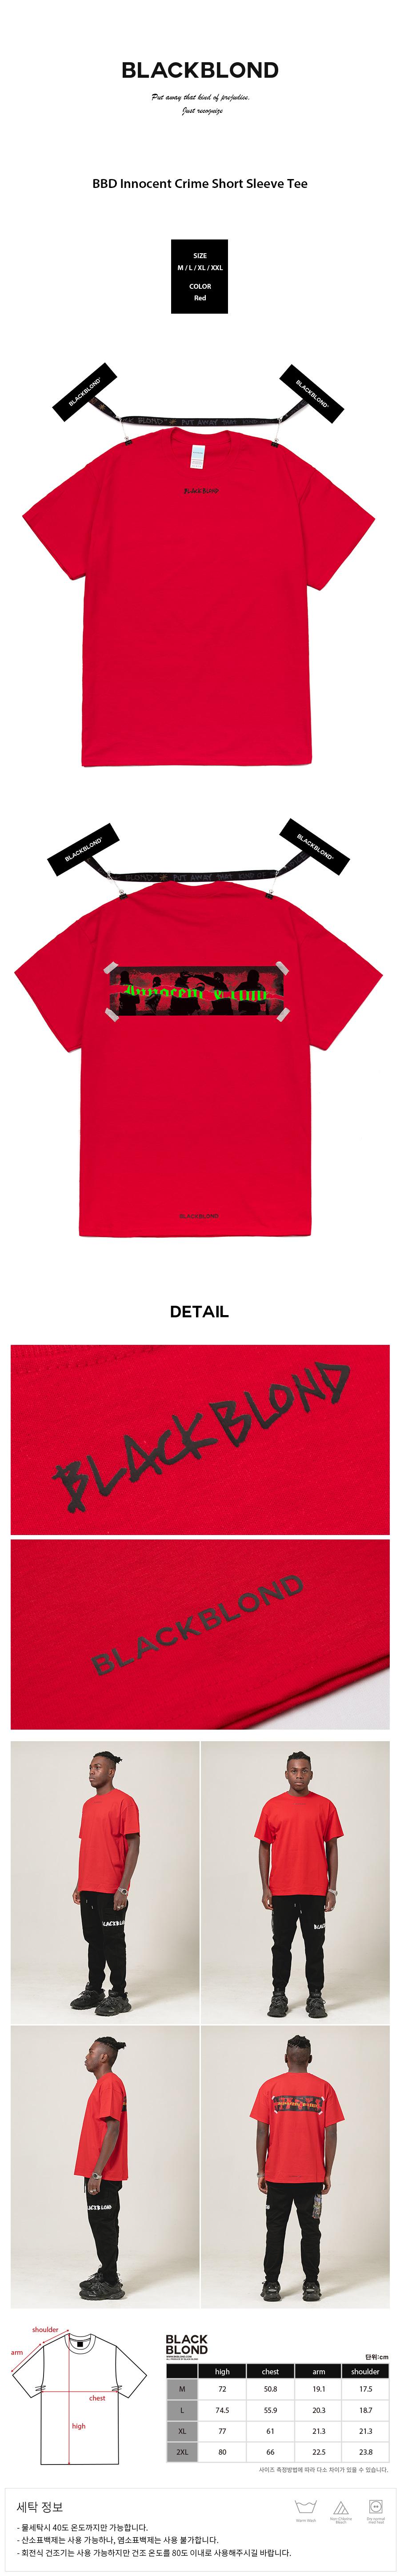 블랙블론드 BLACKBLOND - BBD Innocent Crime Short Sleeve Tee (Red)